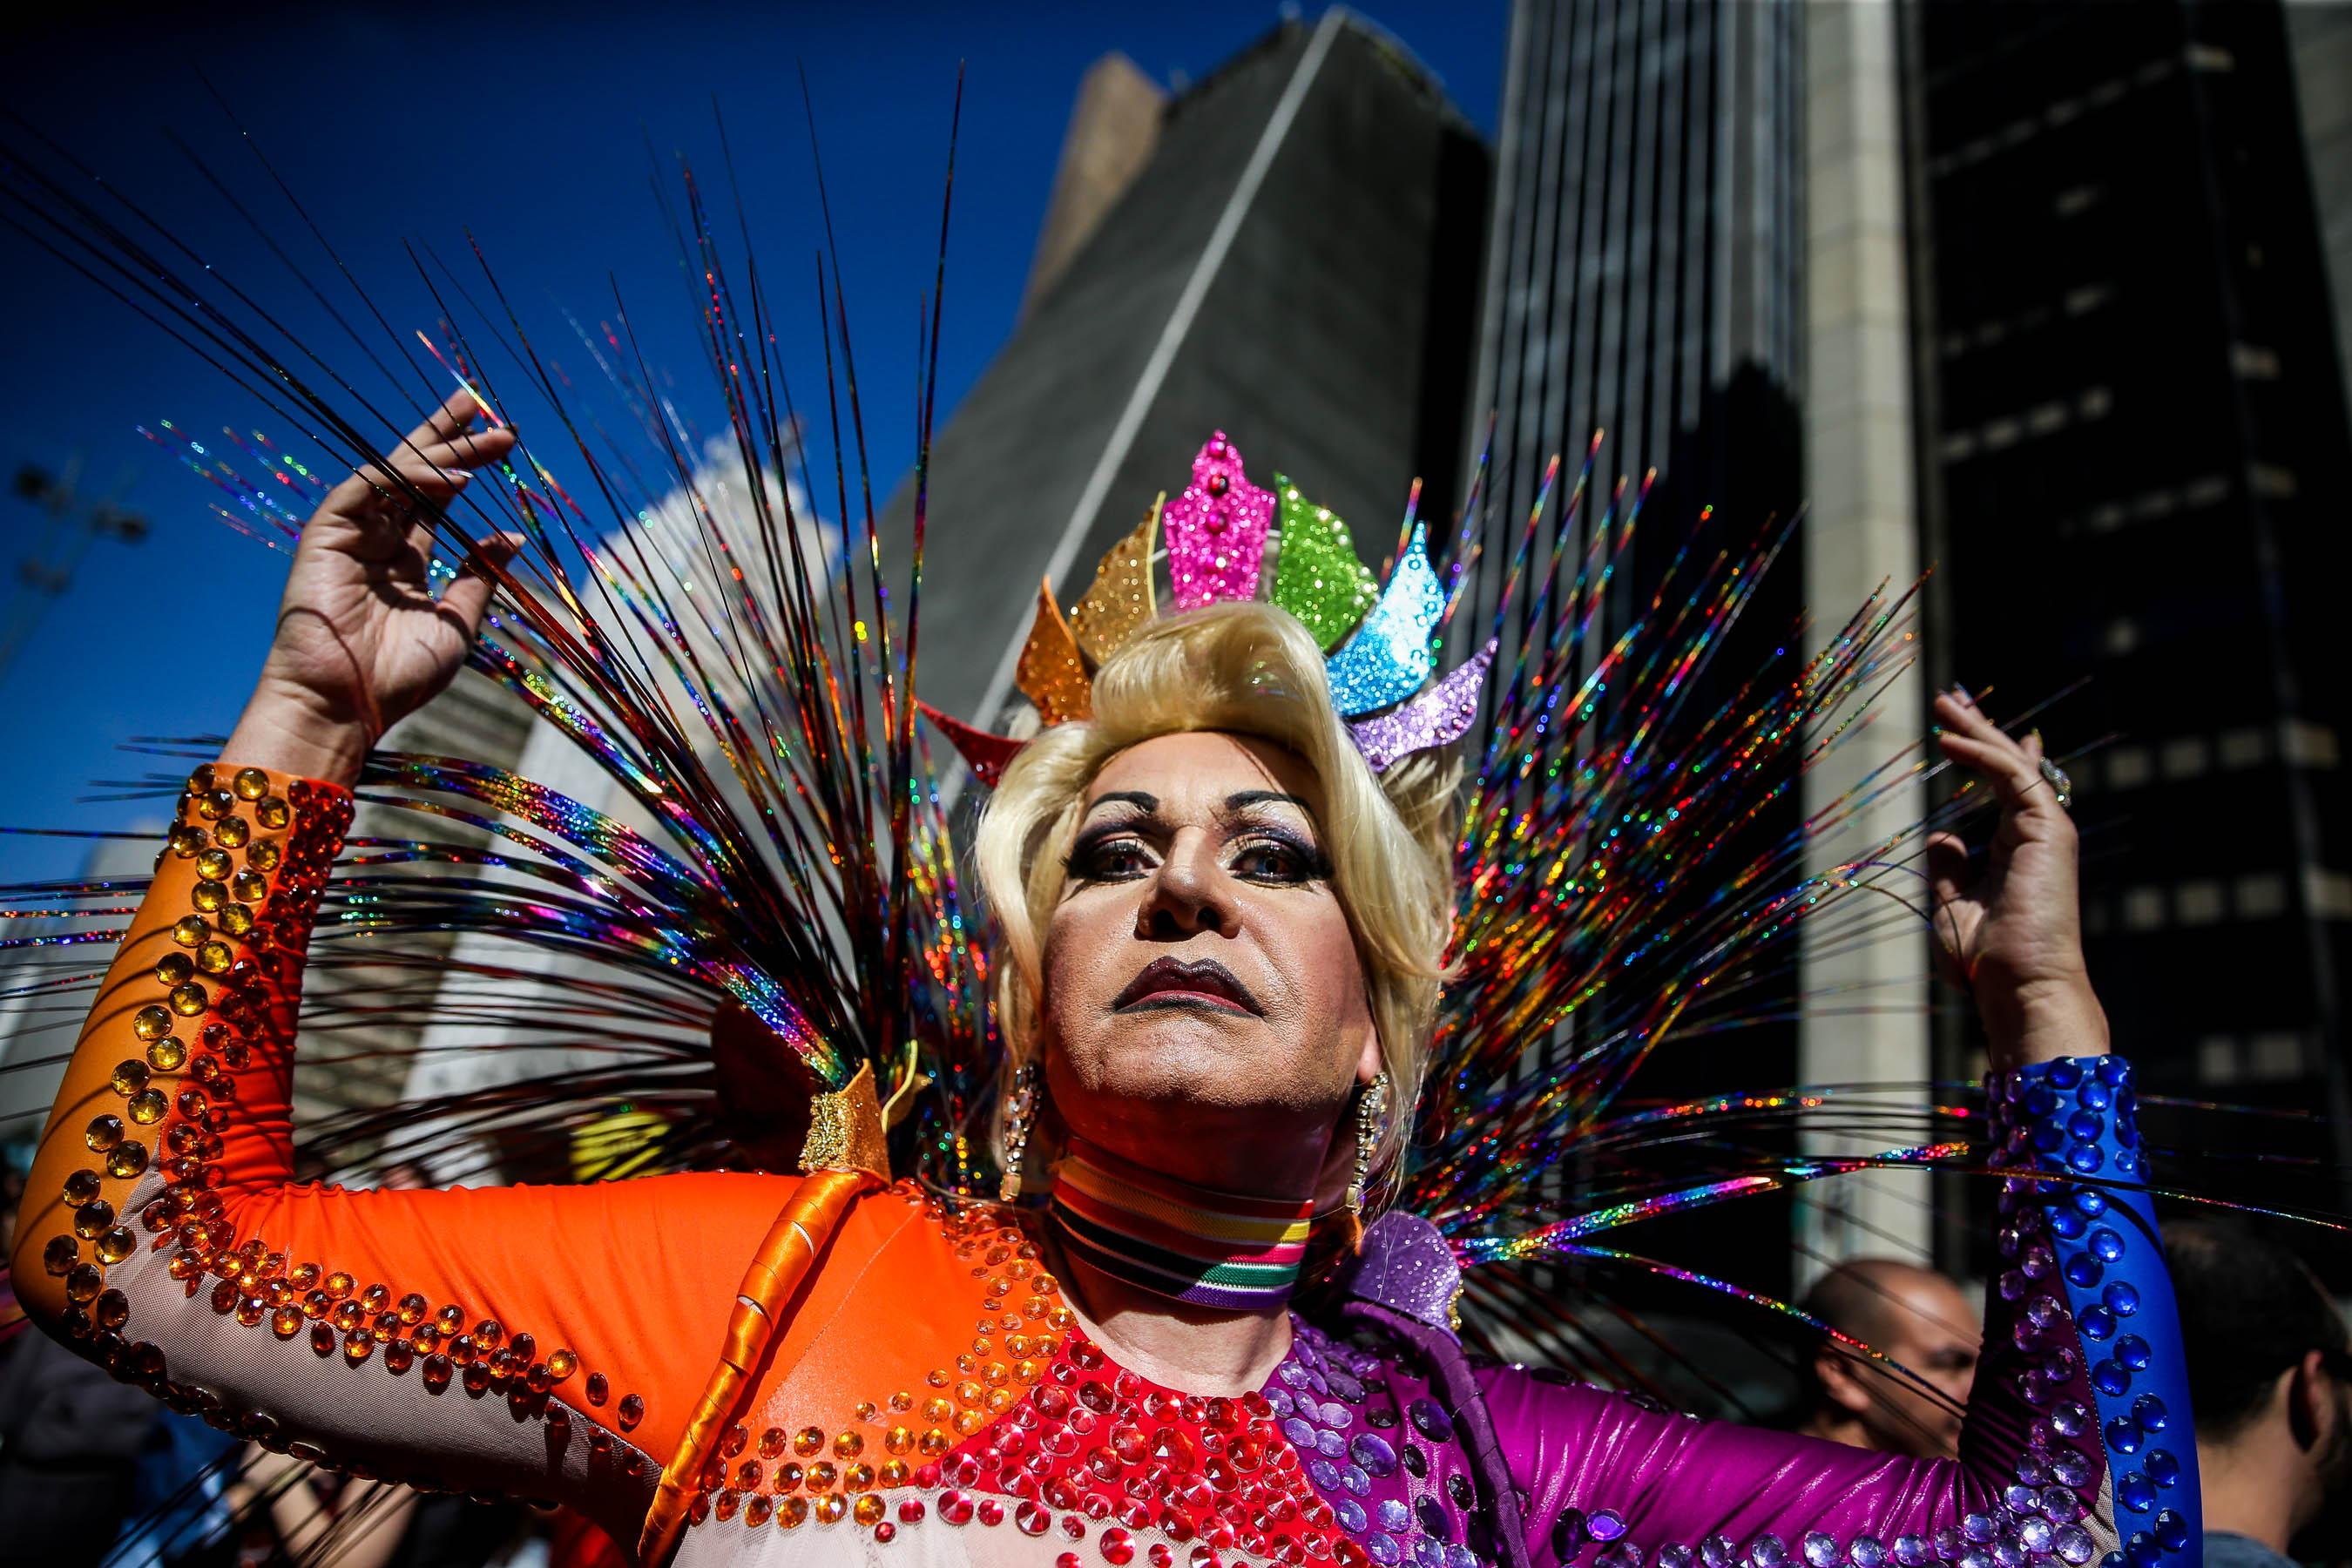 Fotografia presa durant la Desfilada de l'Orgull Homosexual de Sao Paulo. /FERNANDO BIZERRA JR